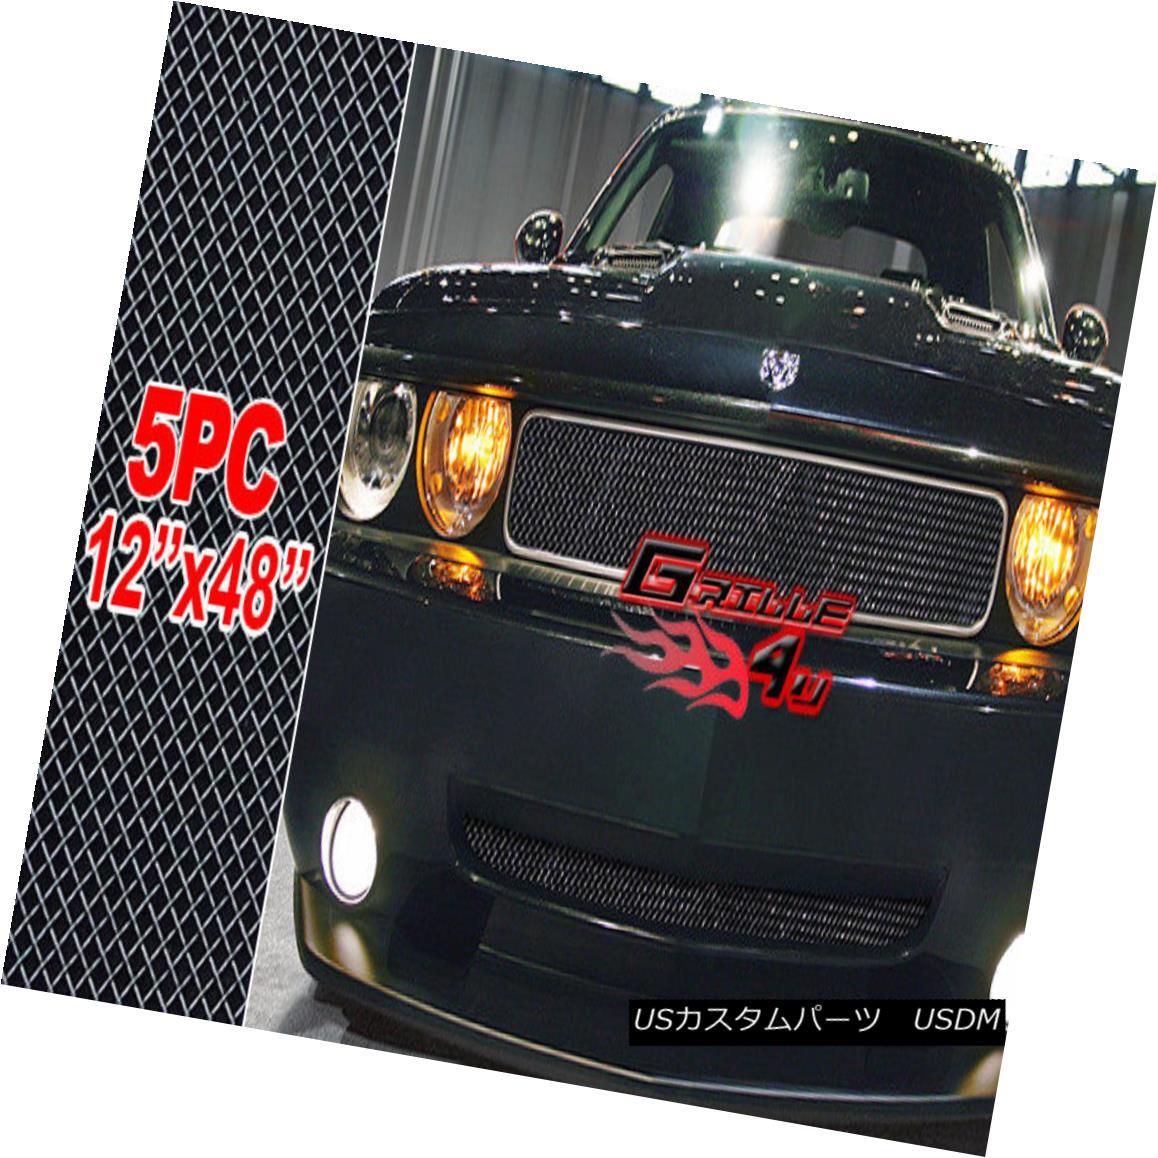 グリル Fits Universal Black Stainless Steel Mesh Grille 12X48 5pc ユニバーサルブラックステンレススチールメッシュグリル12X48 5pcsに適合